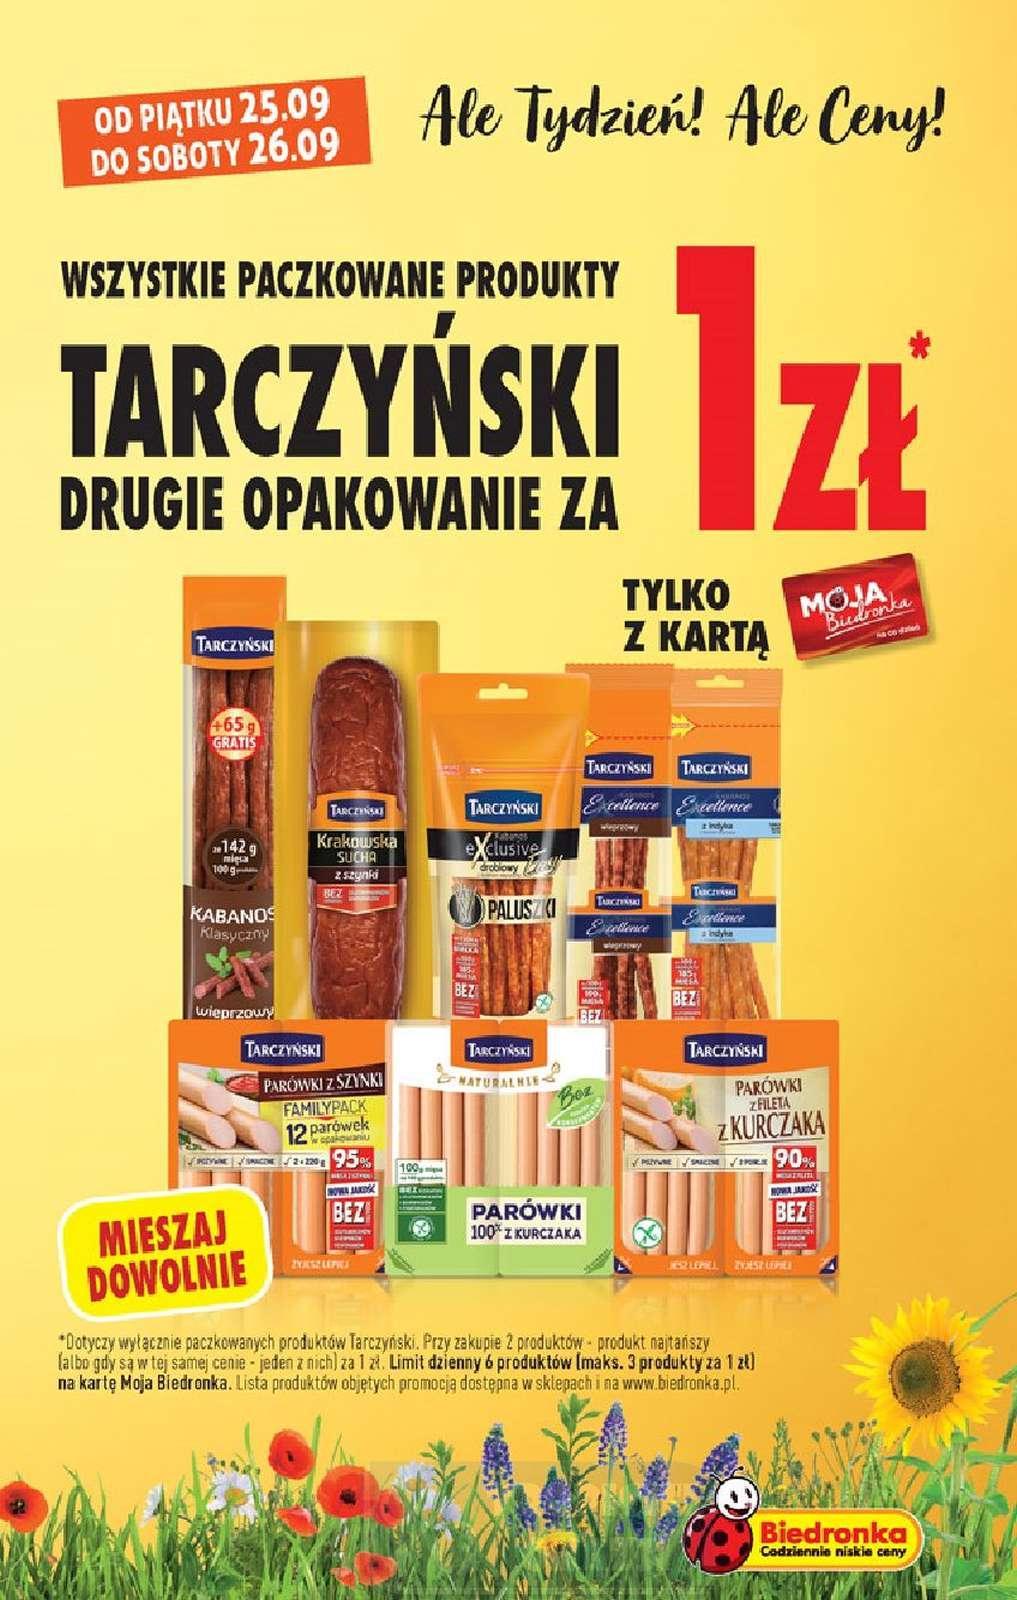 drugie opak. za 1zł Tarczyński wszystkie paczkowane produkty Biedronka